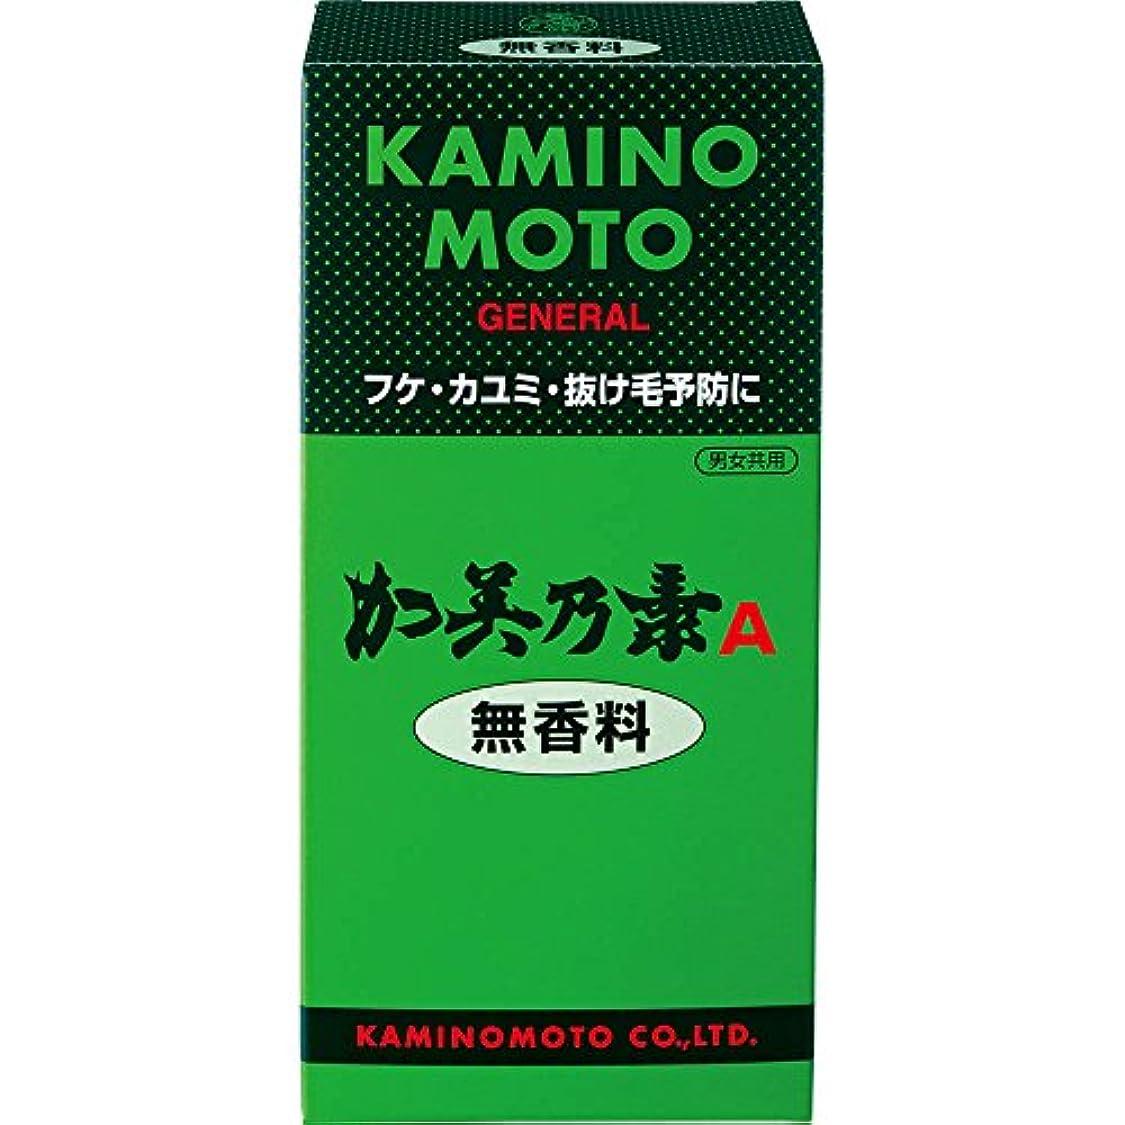 粗い誤解を招く状加美乃素A 無香料 200mL 【医薬部外品】